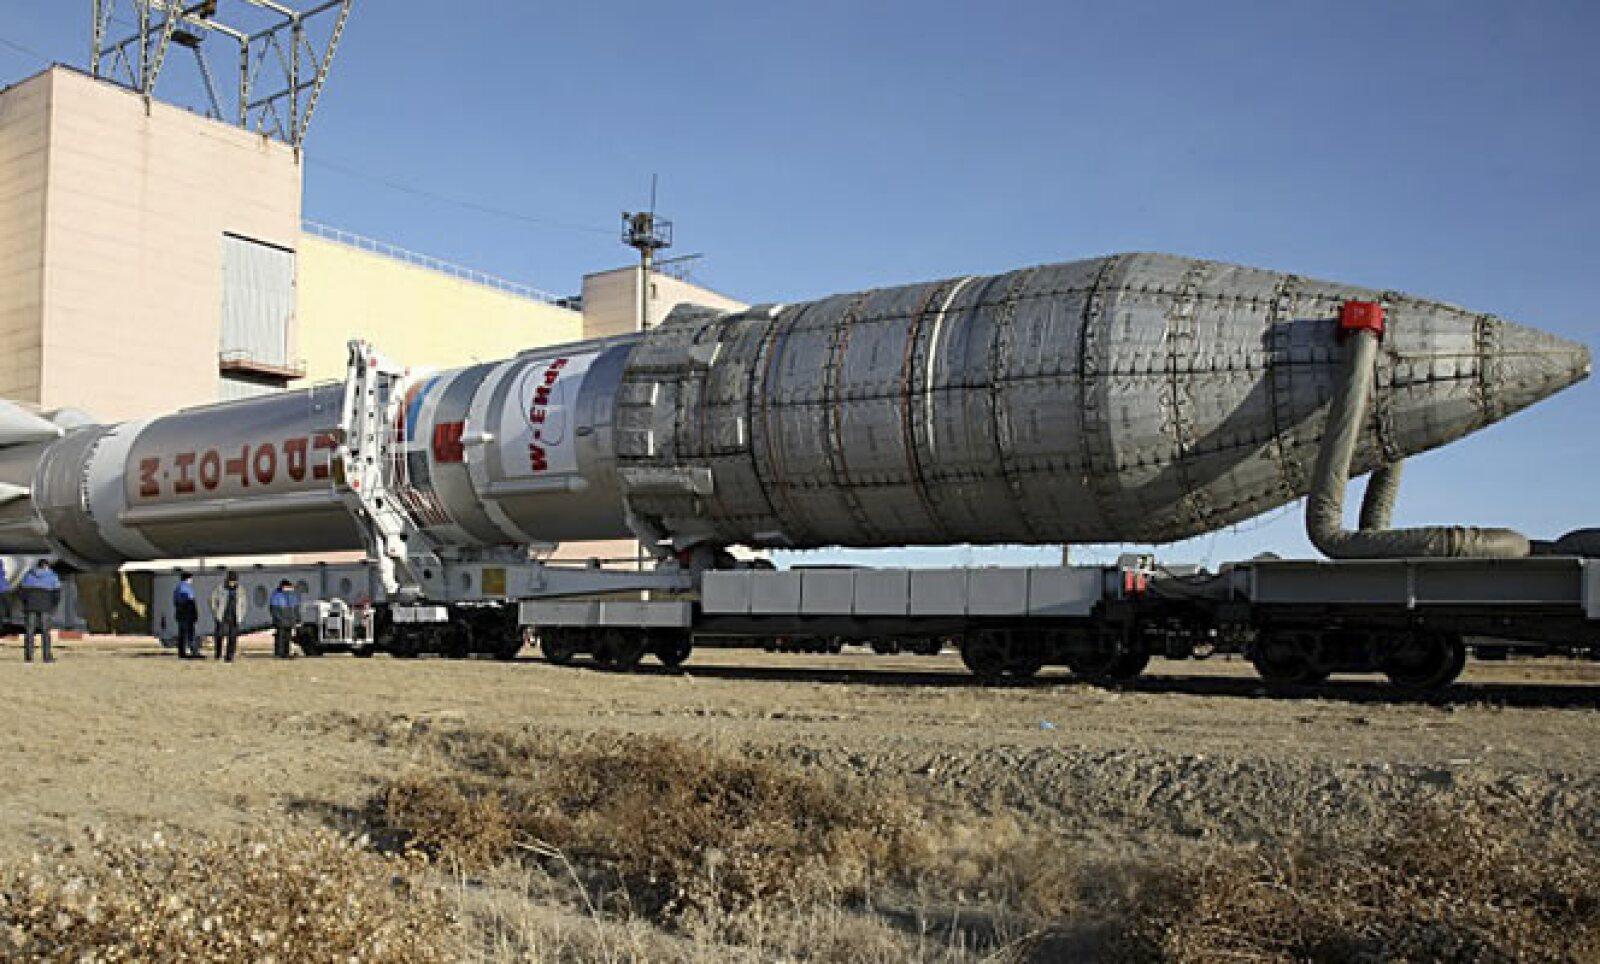 El satélite estaba almacenado desde noviembre de 2013, lo que le costó al Gobierno mexicano más de 5,300 mdd por gastos en controles de limpieza, temperatura y seguridad.